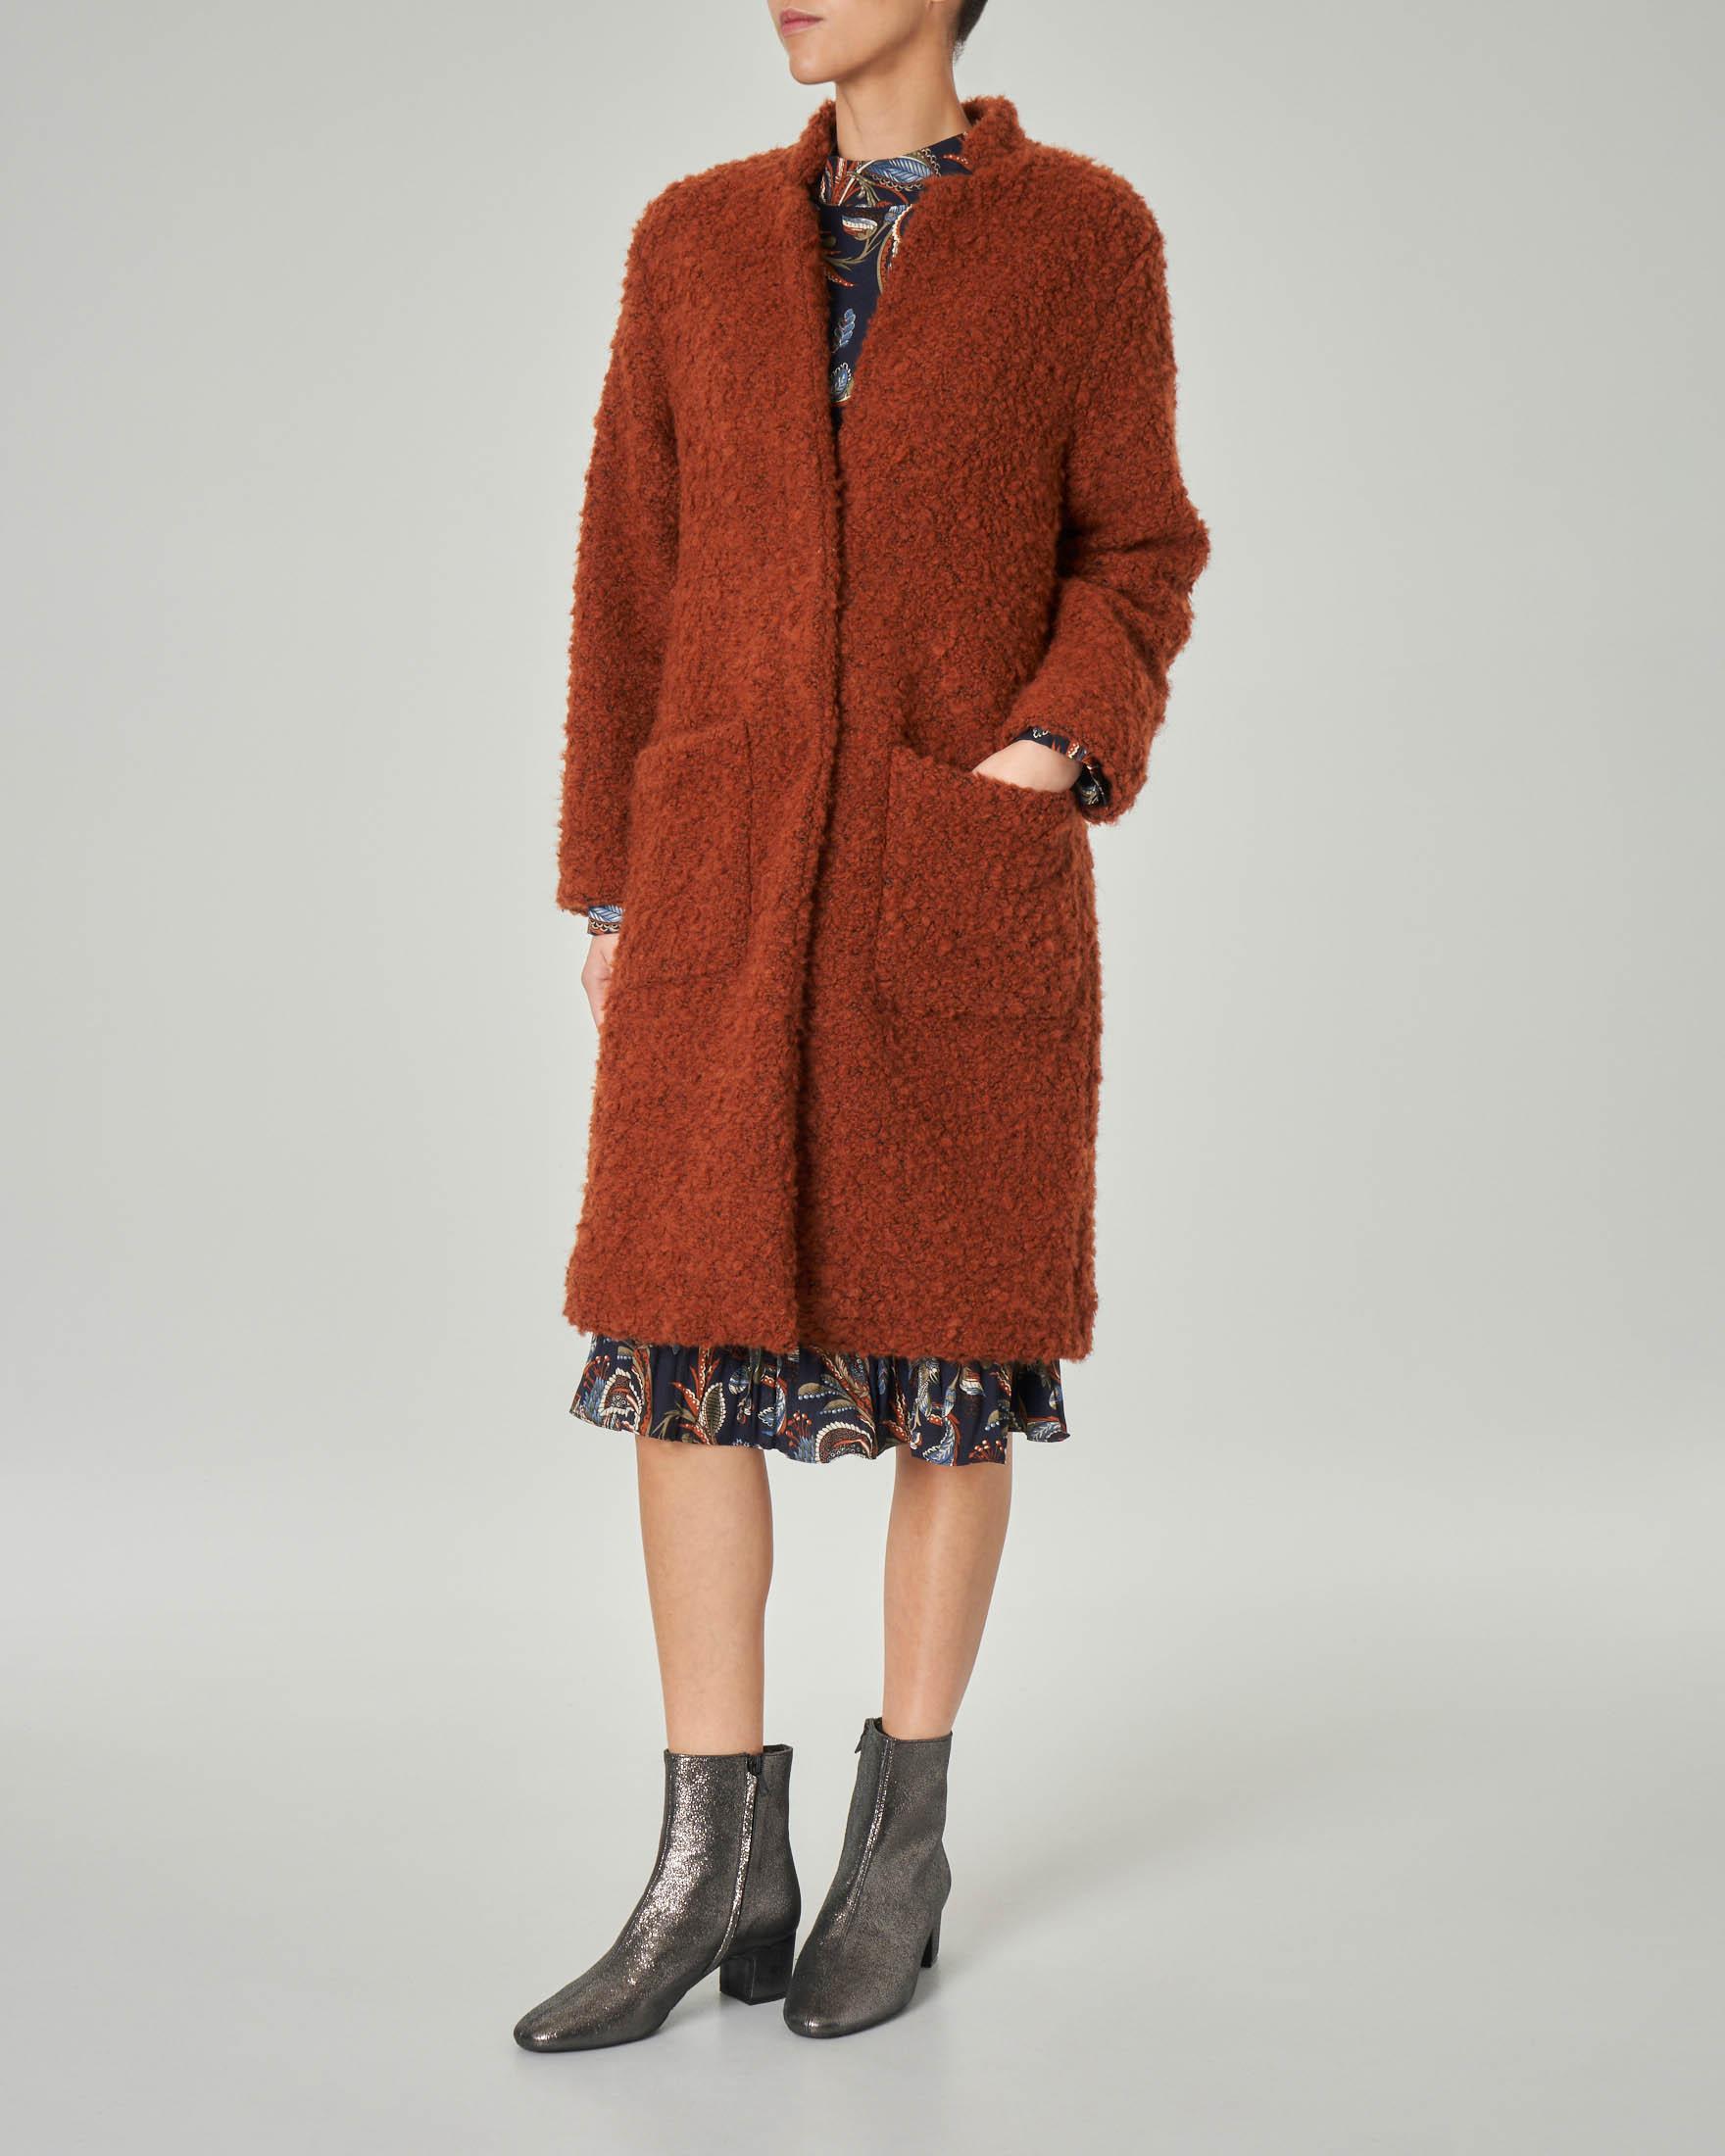 Cappotto teddy color bruciato con colletto in piedi